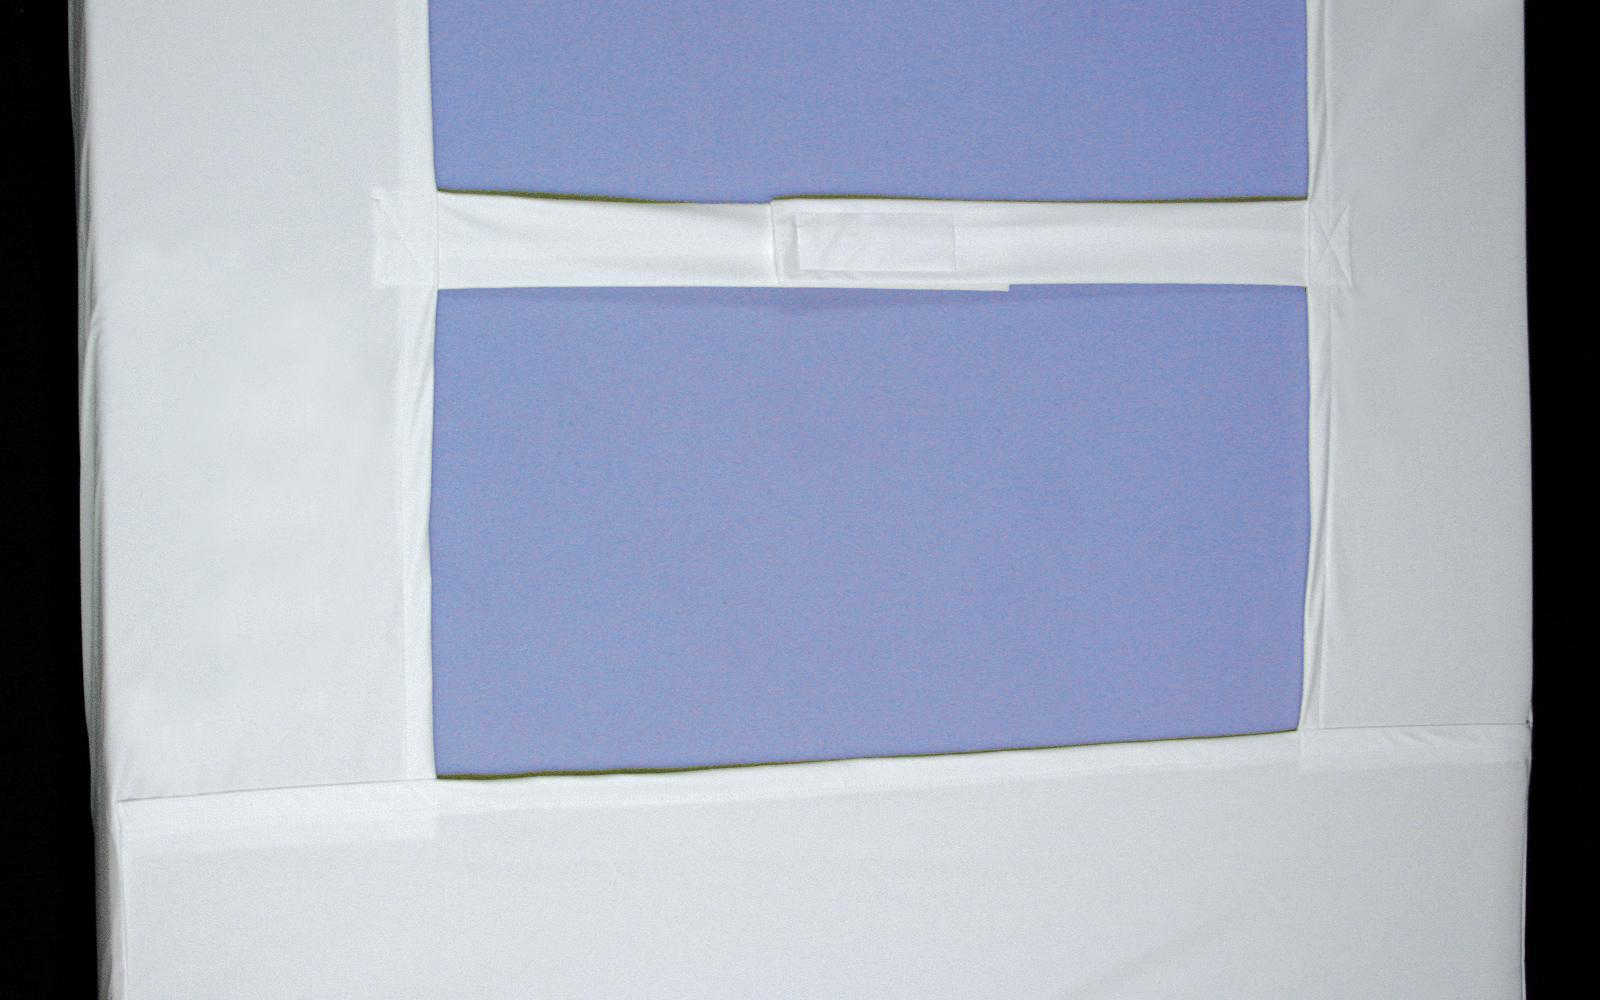 matratzenschutz-mit-klettverschluss-1